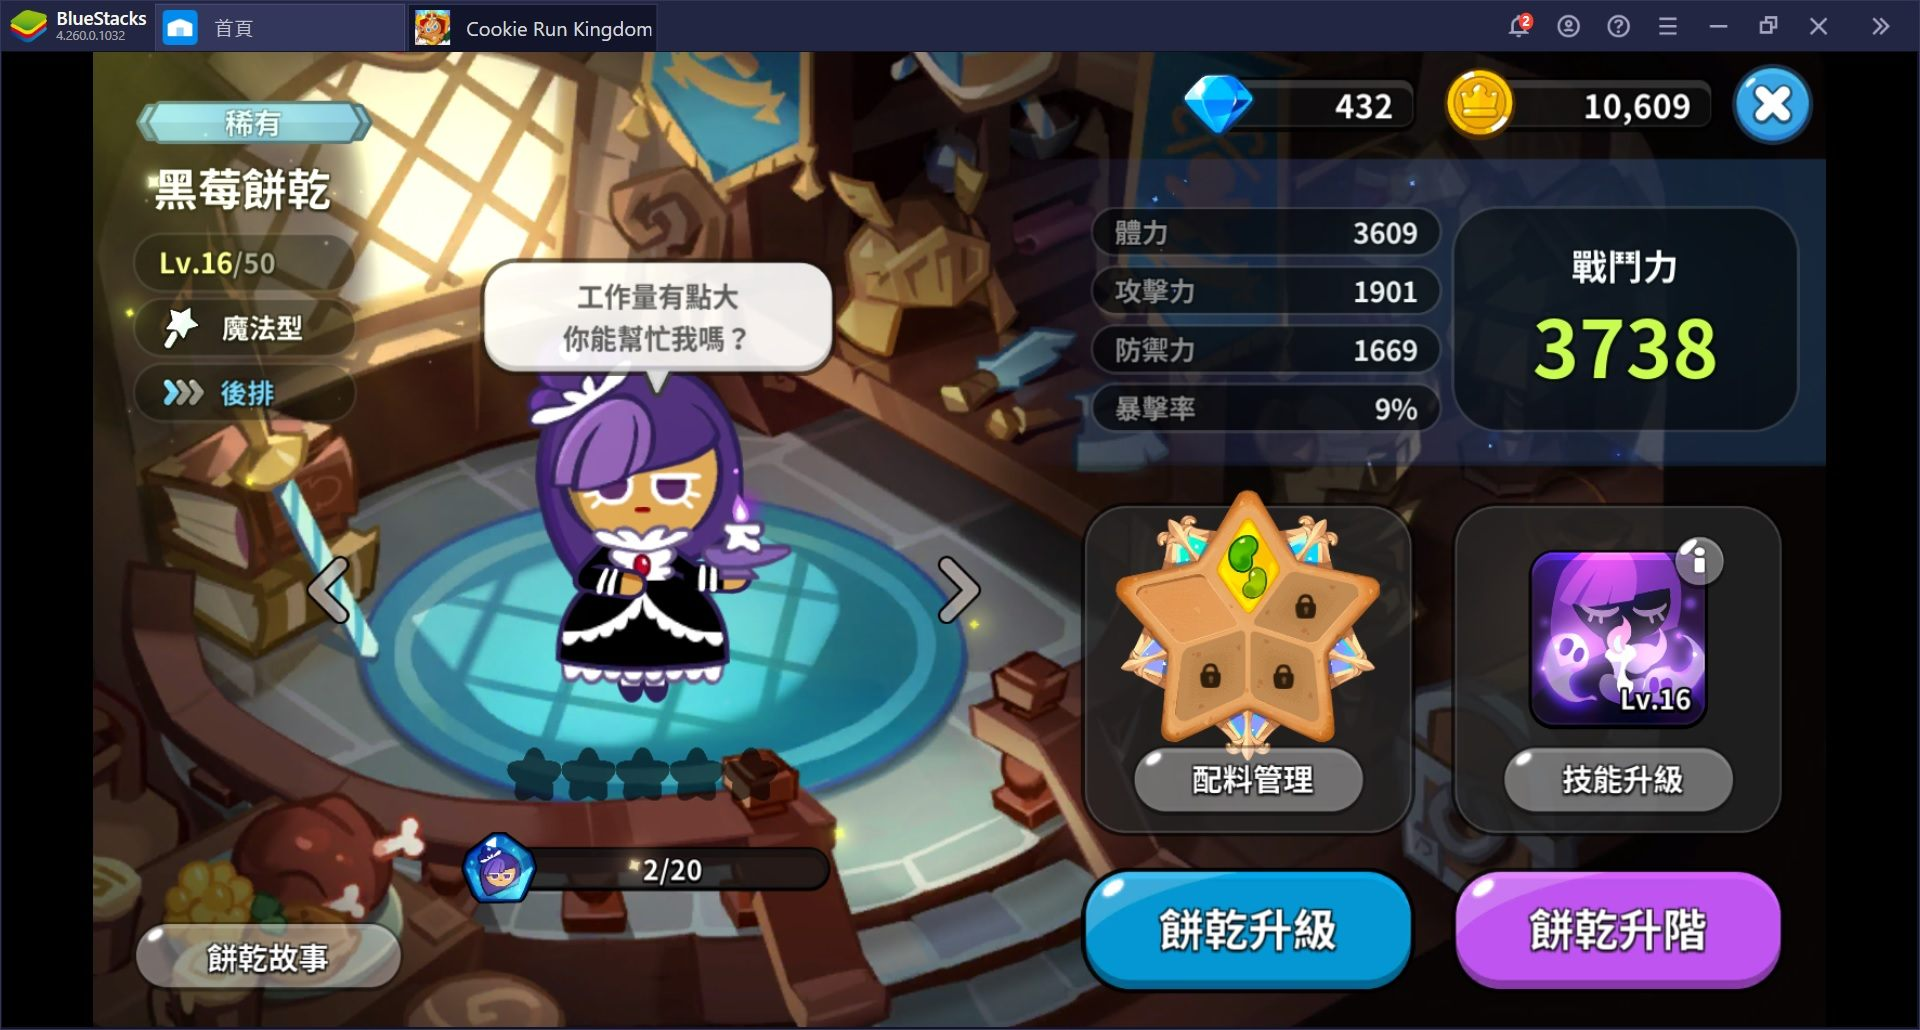 《薑餅人王國》:餅乾英雄的職業介紹